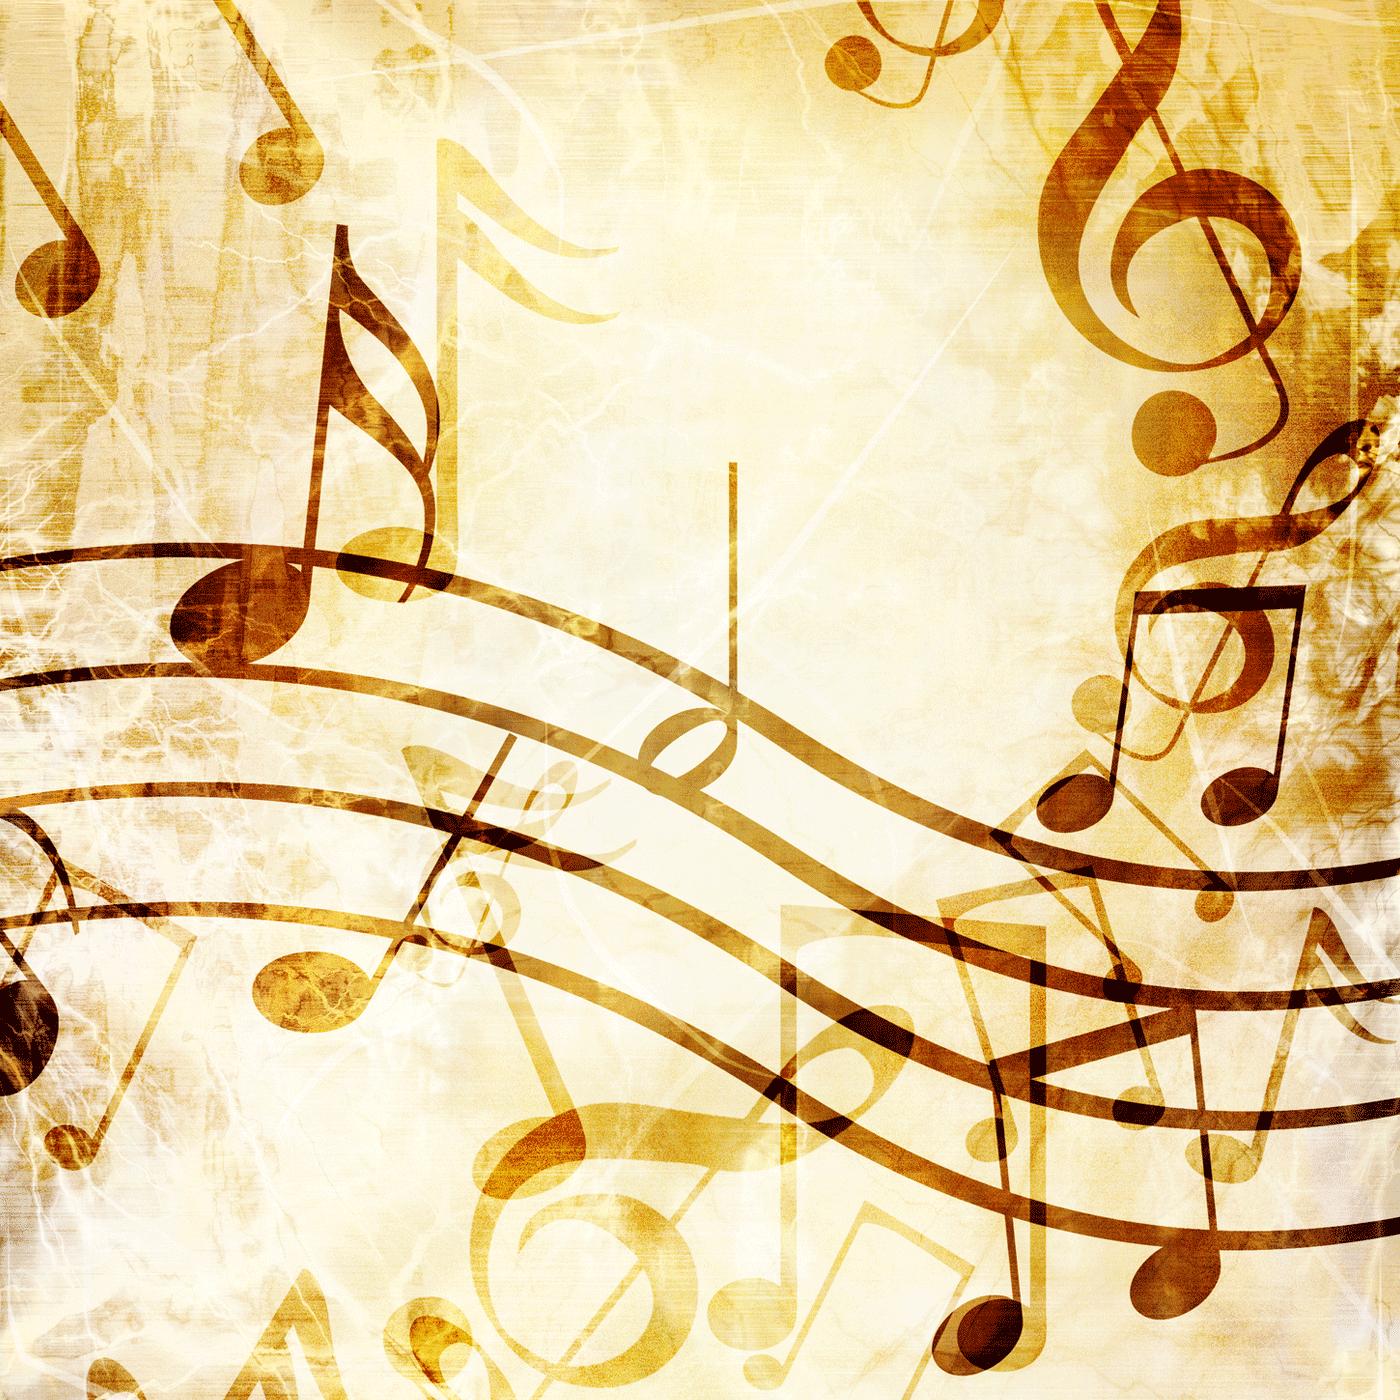 Classical Period On RadioTunes - RadioTunes